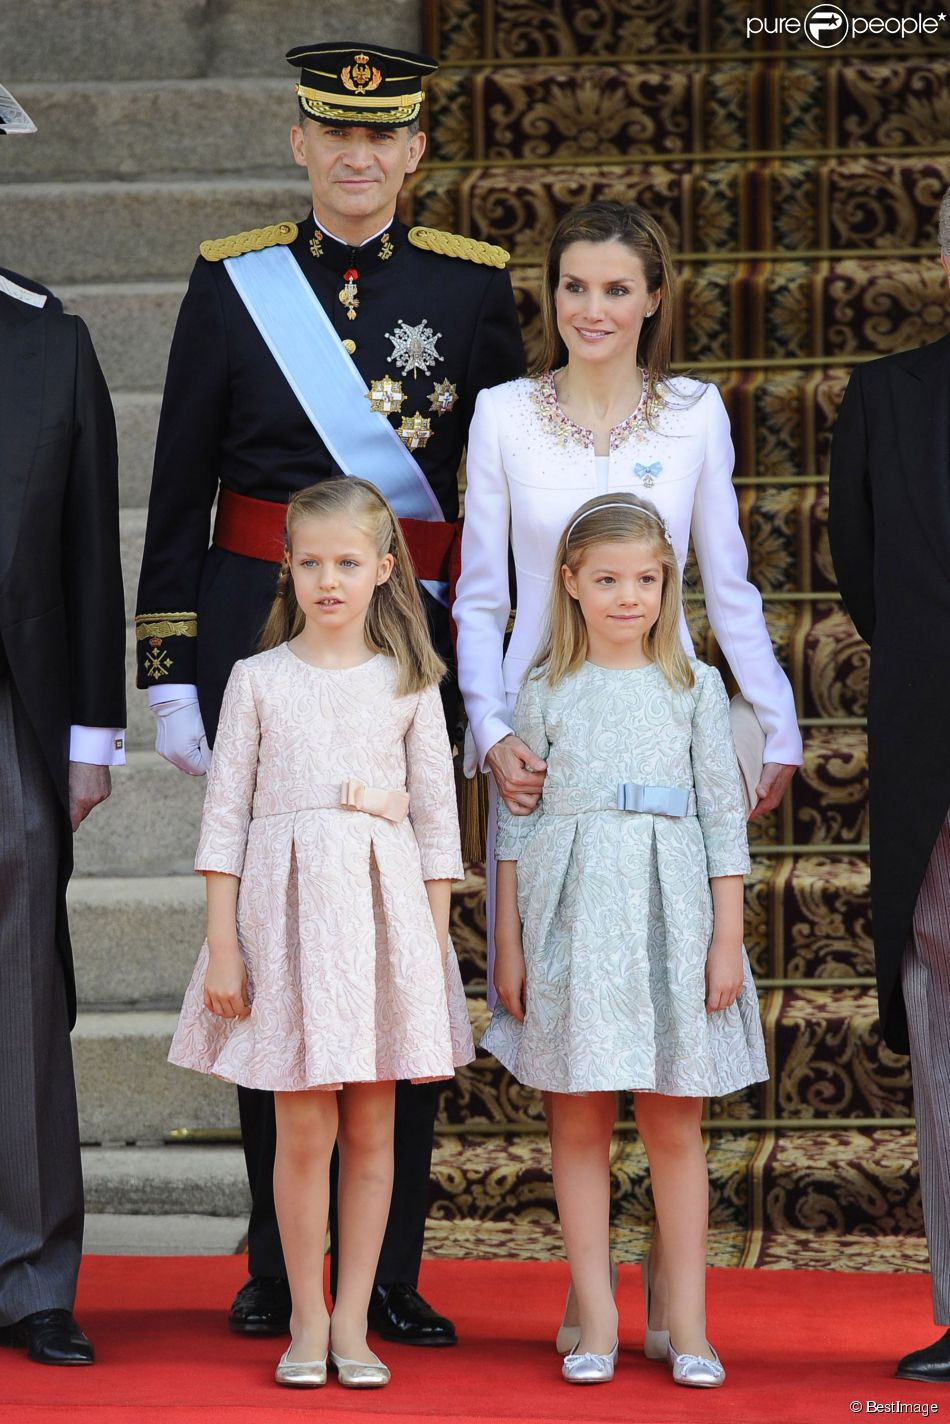 Proclamacion rey Felipe VI - Página 2 1512469-le-roi-felipe-vi-la-reine-letizia-950x0-2